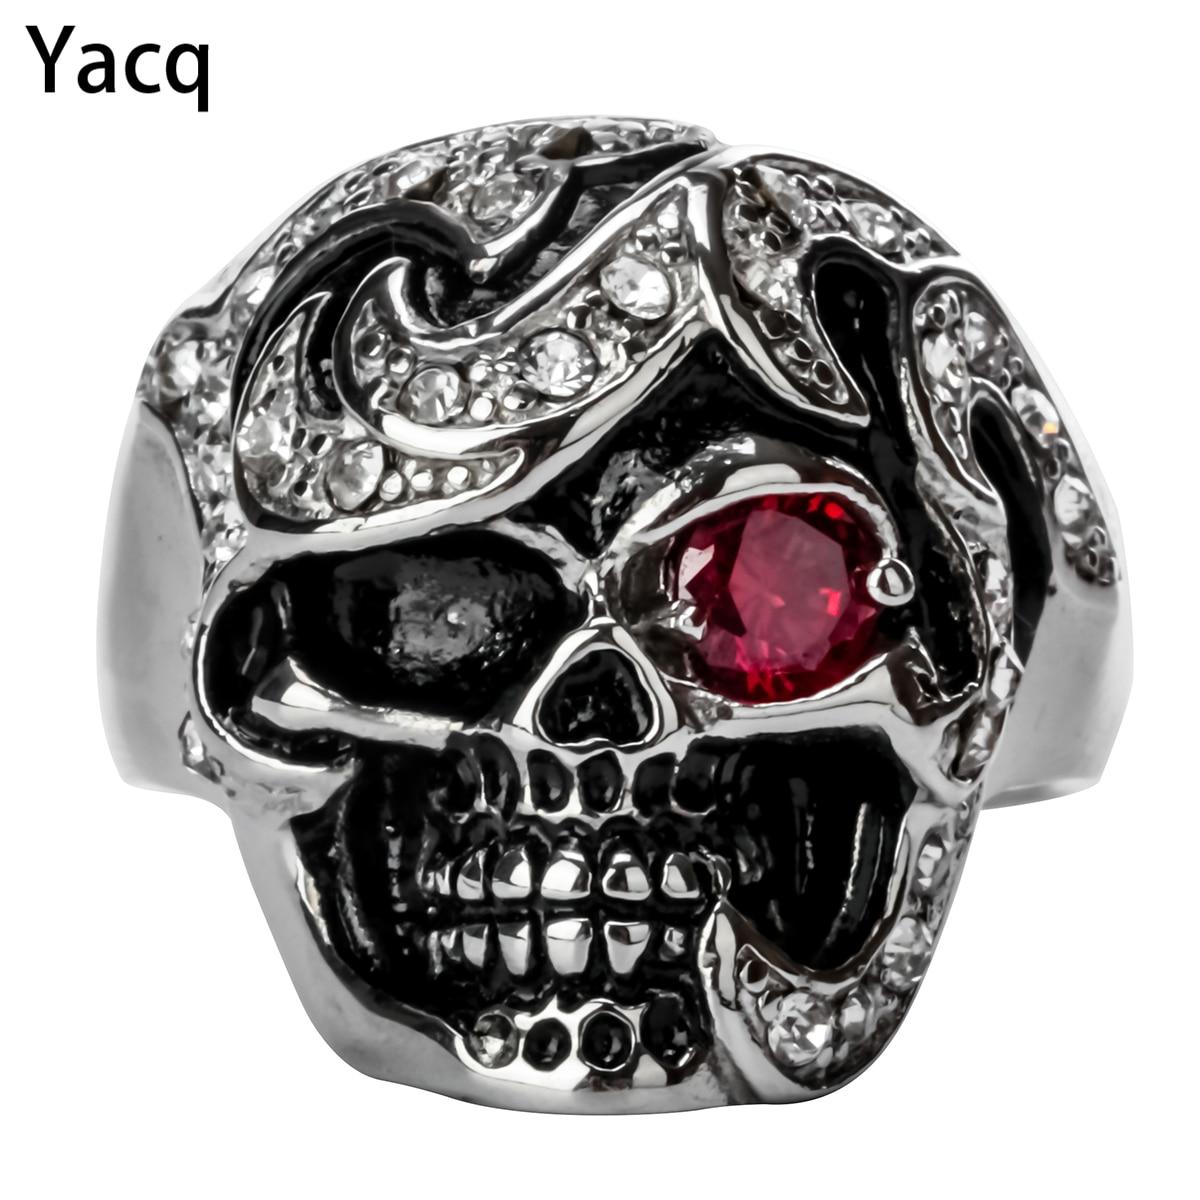 YACQ Skull Gothic Ring Men Women Biker Heavy Punk Jewelry